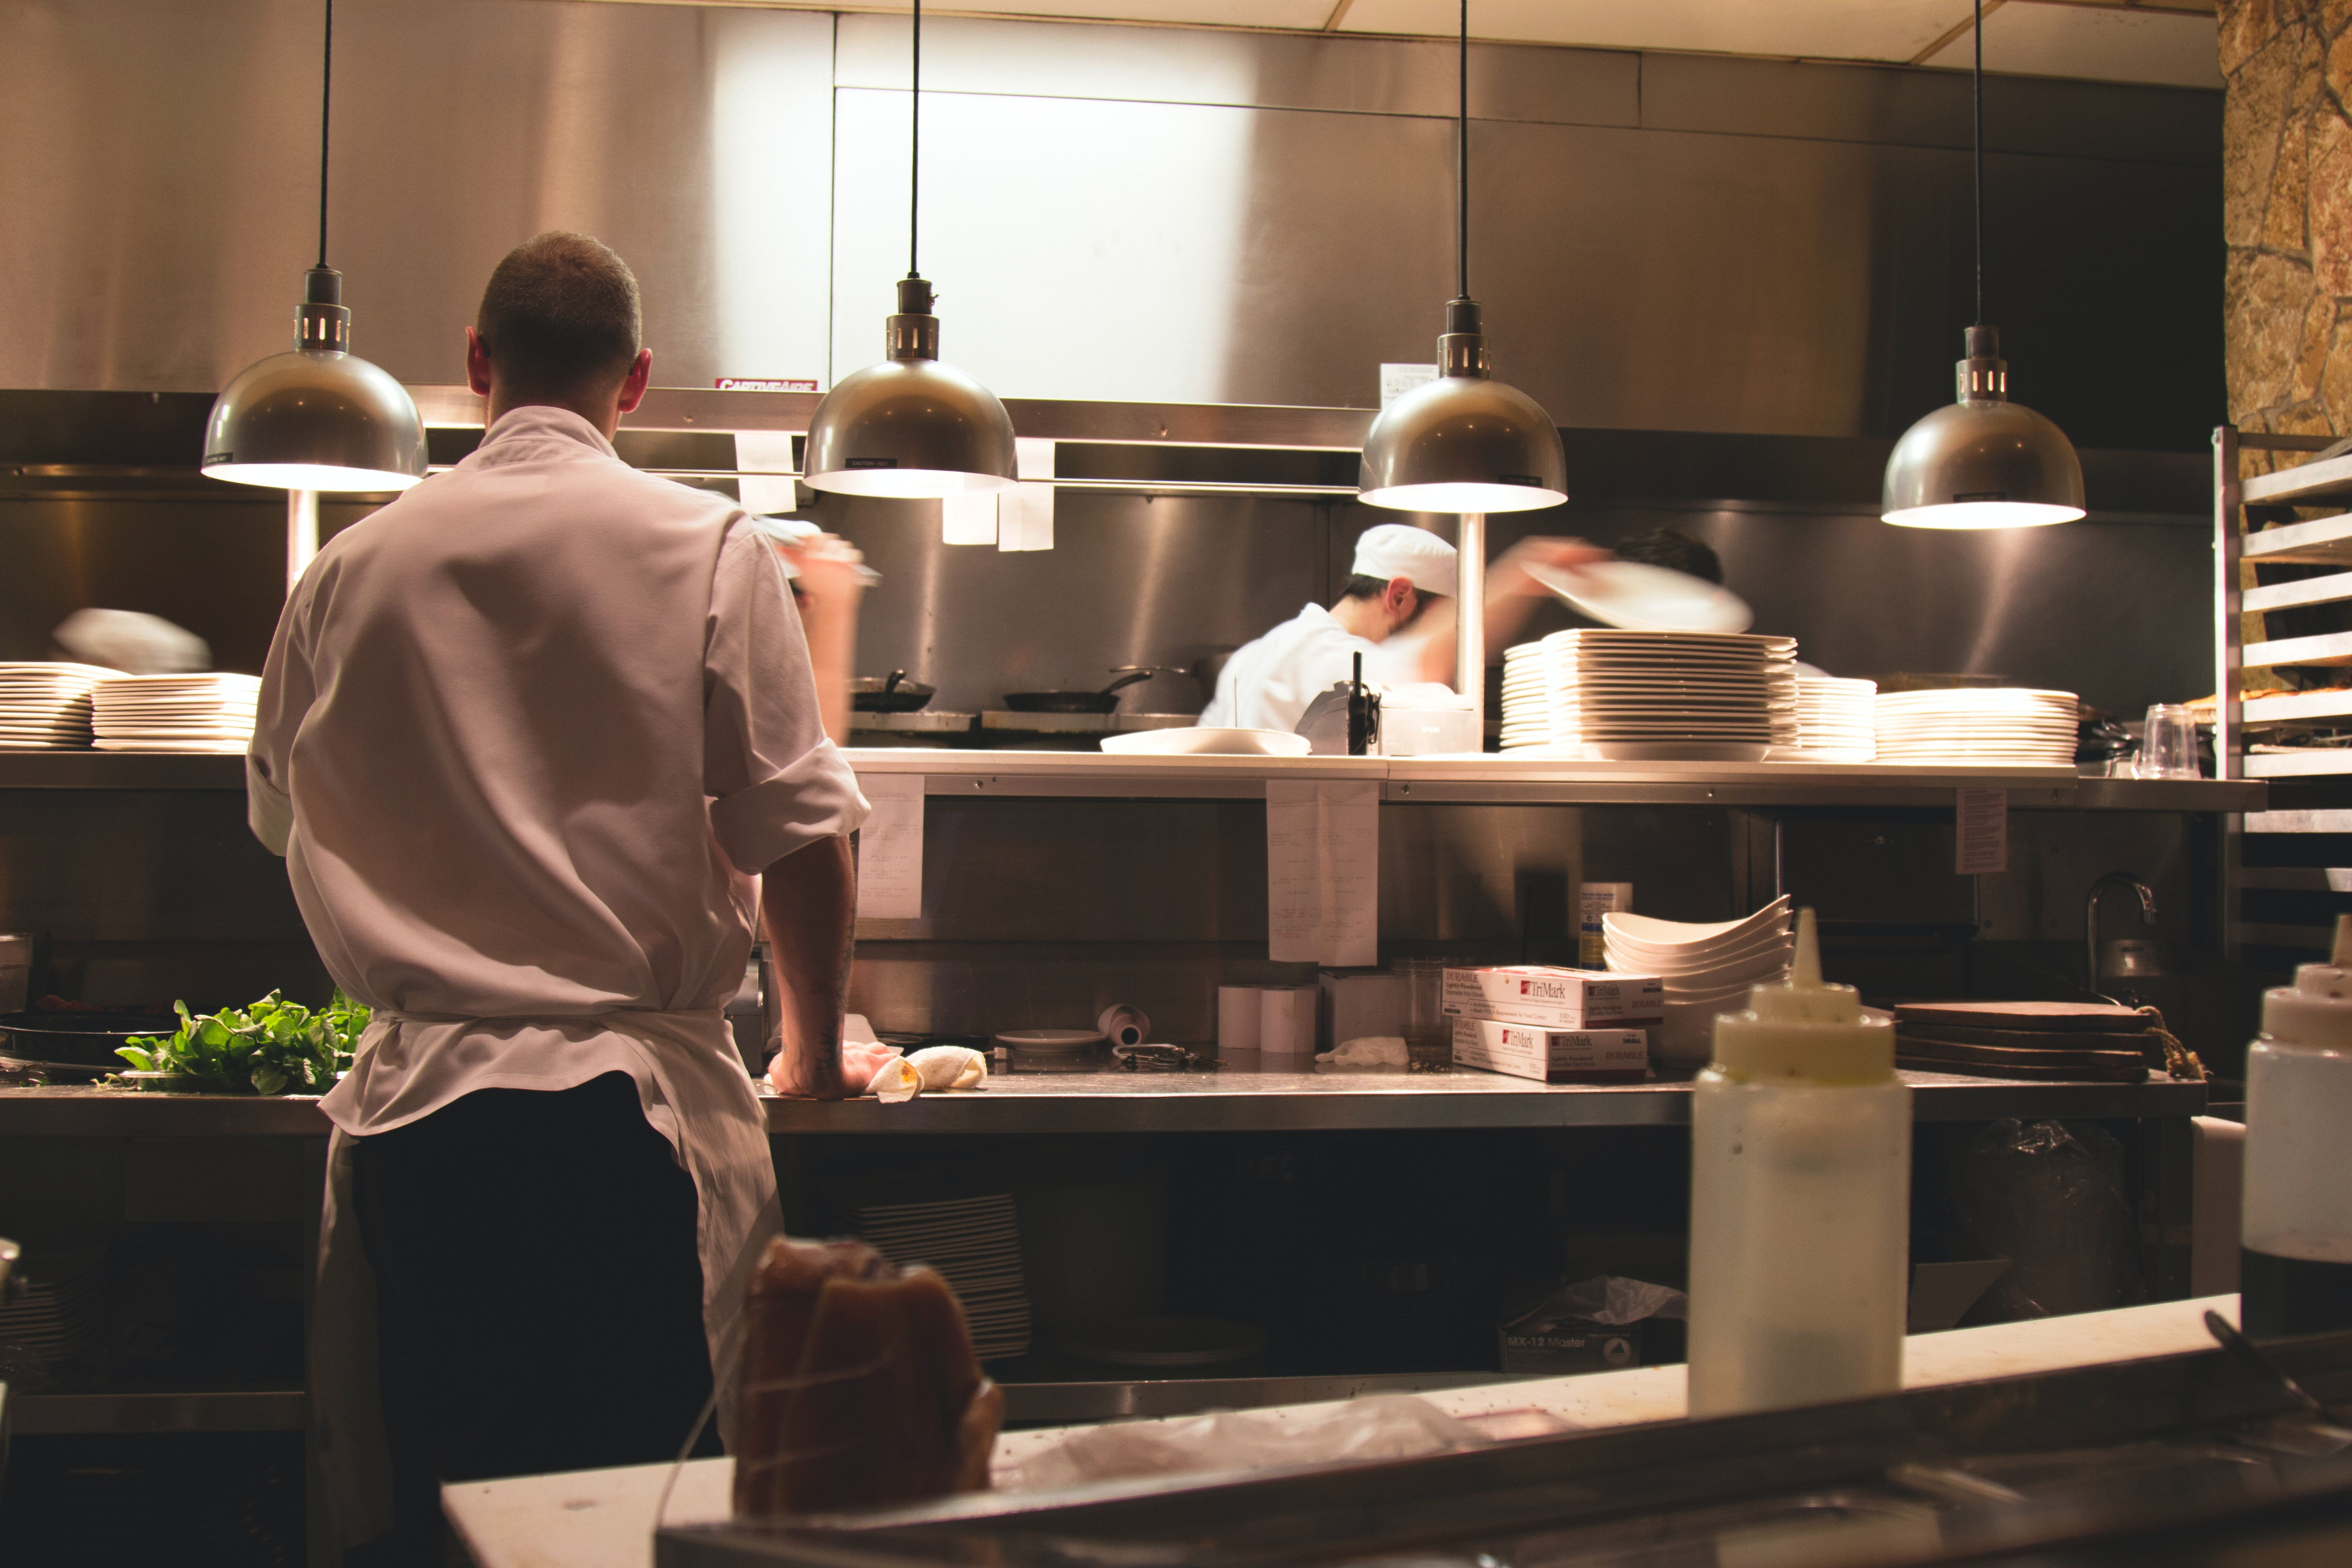 Etter en jevn nedgang etter april i år, øker antall permitterte nå innen serveringsnæringen. Foto: Michael Browning/Unsplash